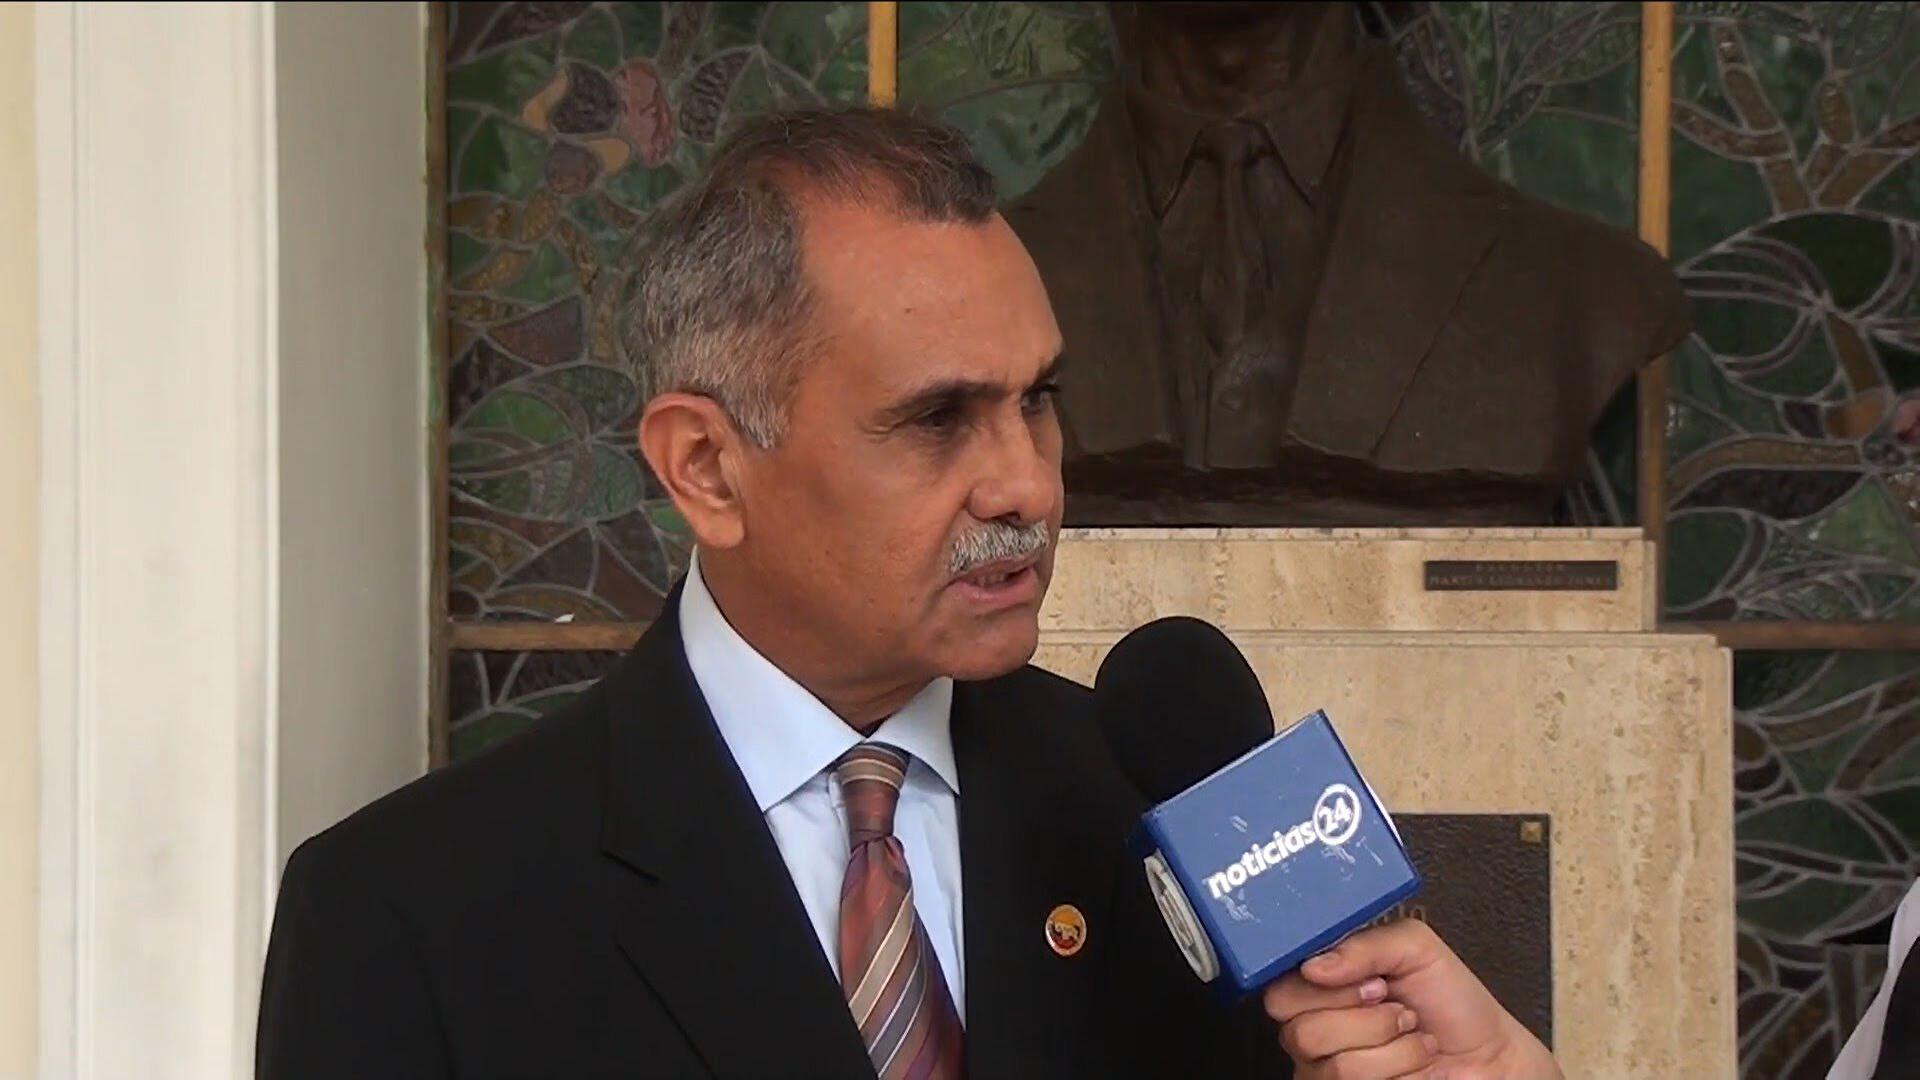 Diputado Eustoquio Contreras propone una Junta Directiva de la AN consensuada entre chavismo y oposición